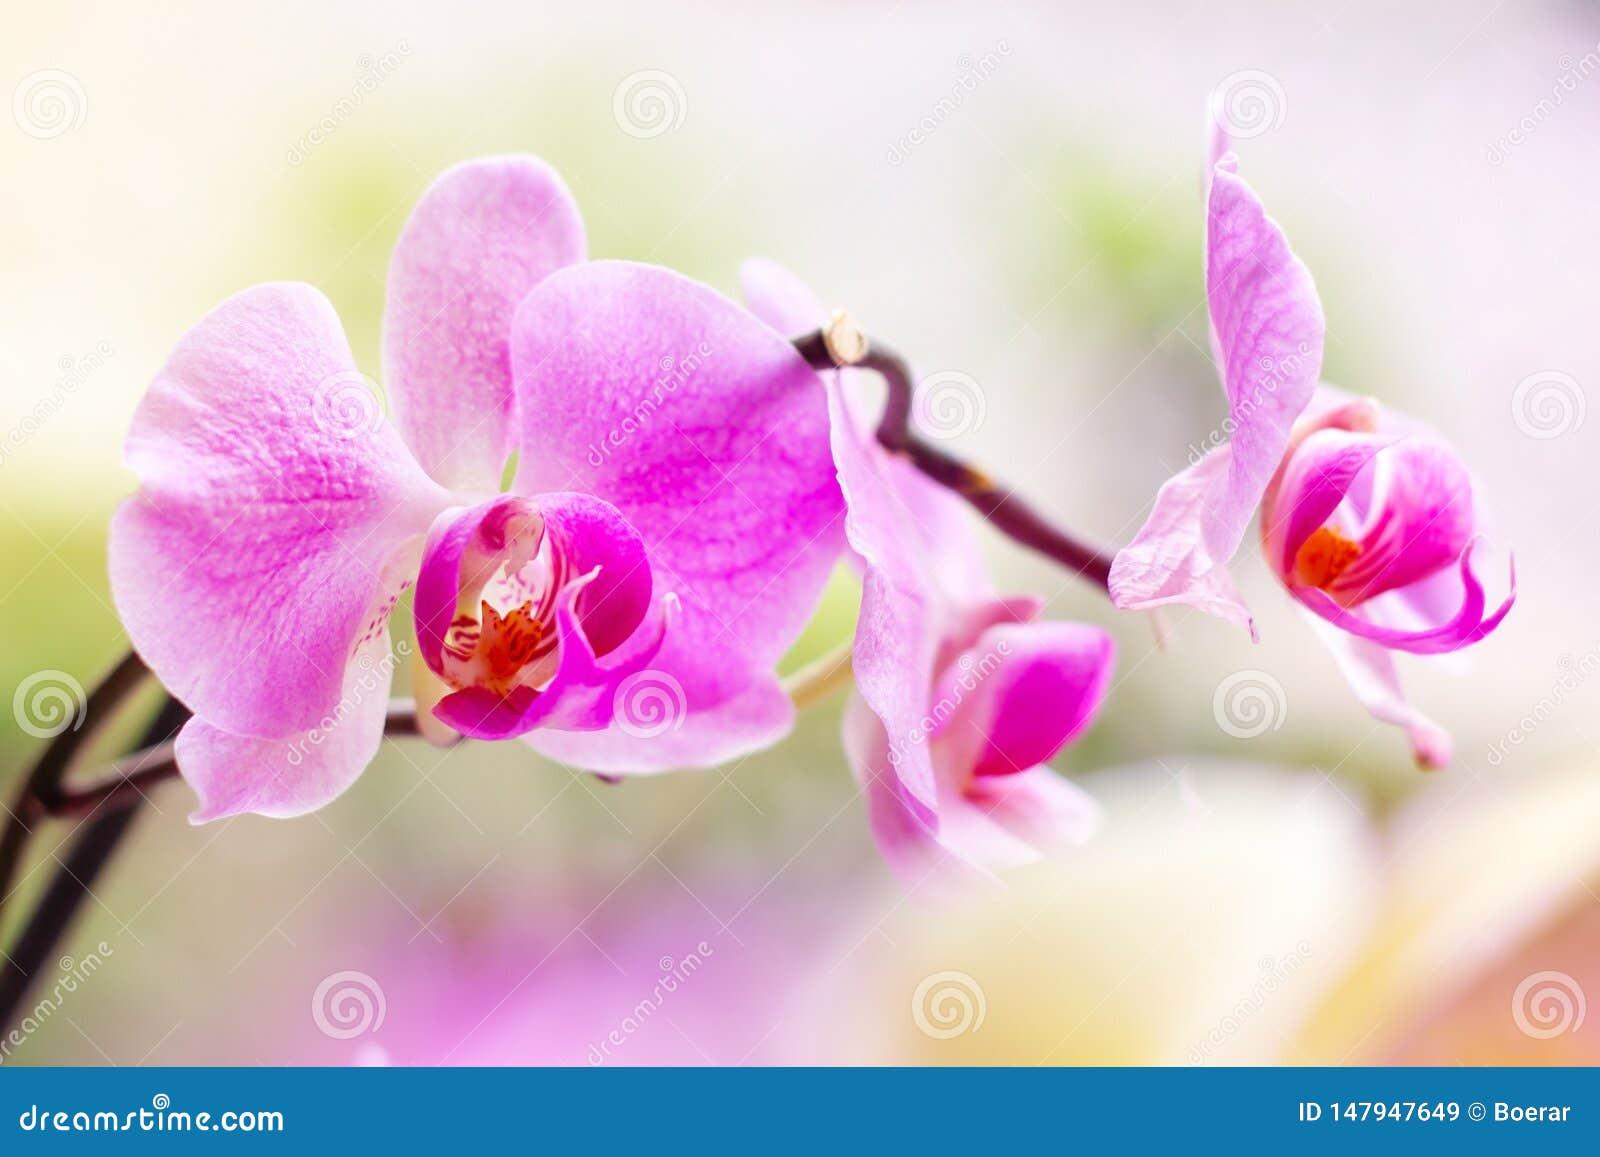 Ο όμορφος τροπικός εξωτικός κλάδος με την άσπρη, ρόδινη και ροδανιλίνης ορχιδέα Phalaenopsis σκώρων ανθίζει την άνοιξη